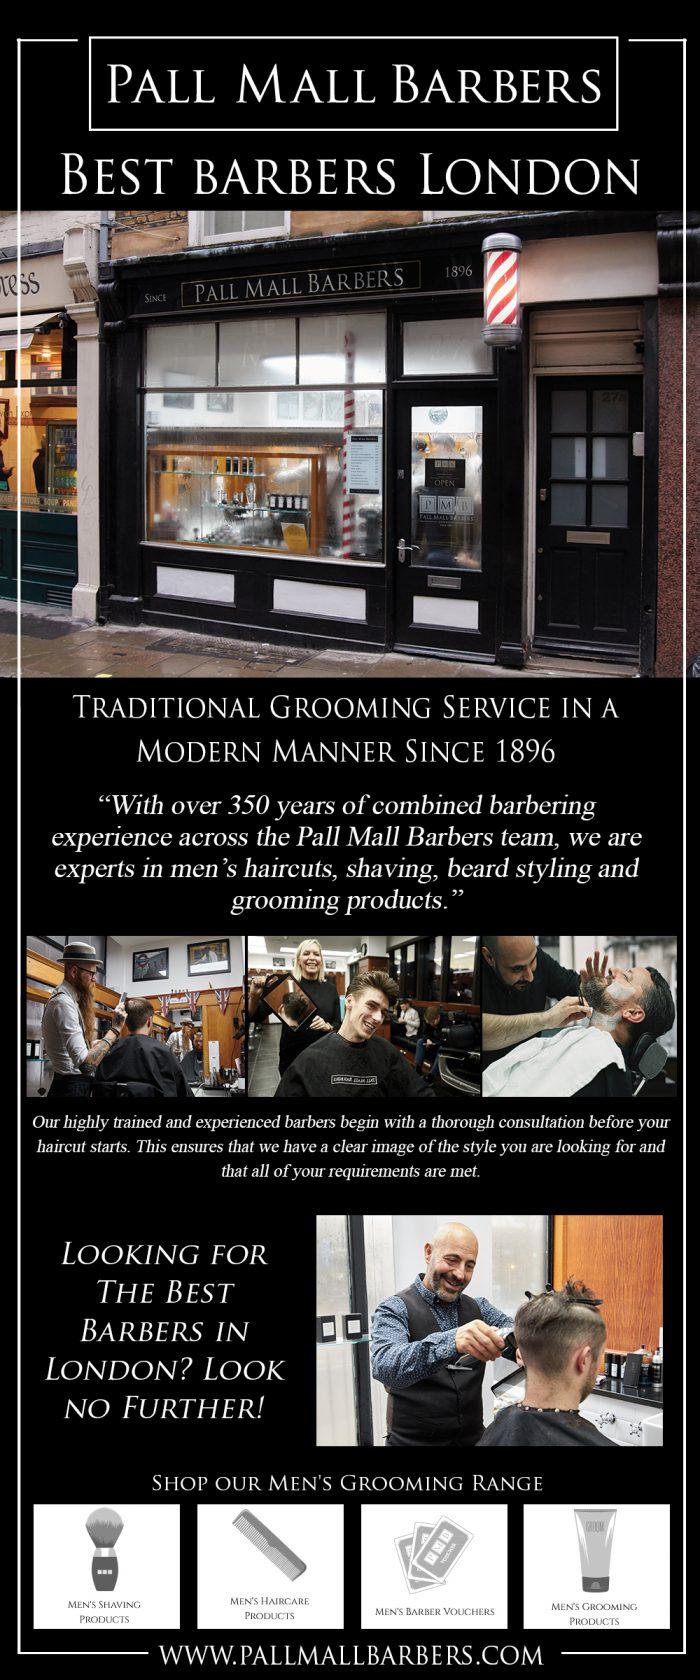 Best Barbers London | Call – 020 73878887 | www.pallmallbarbers.com